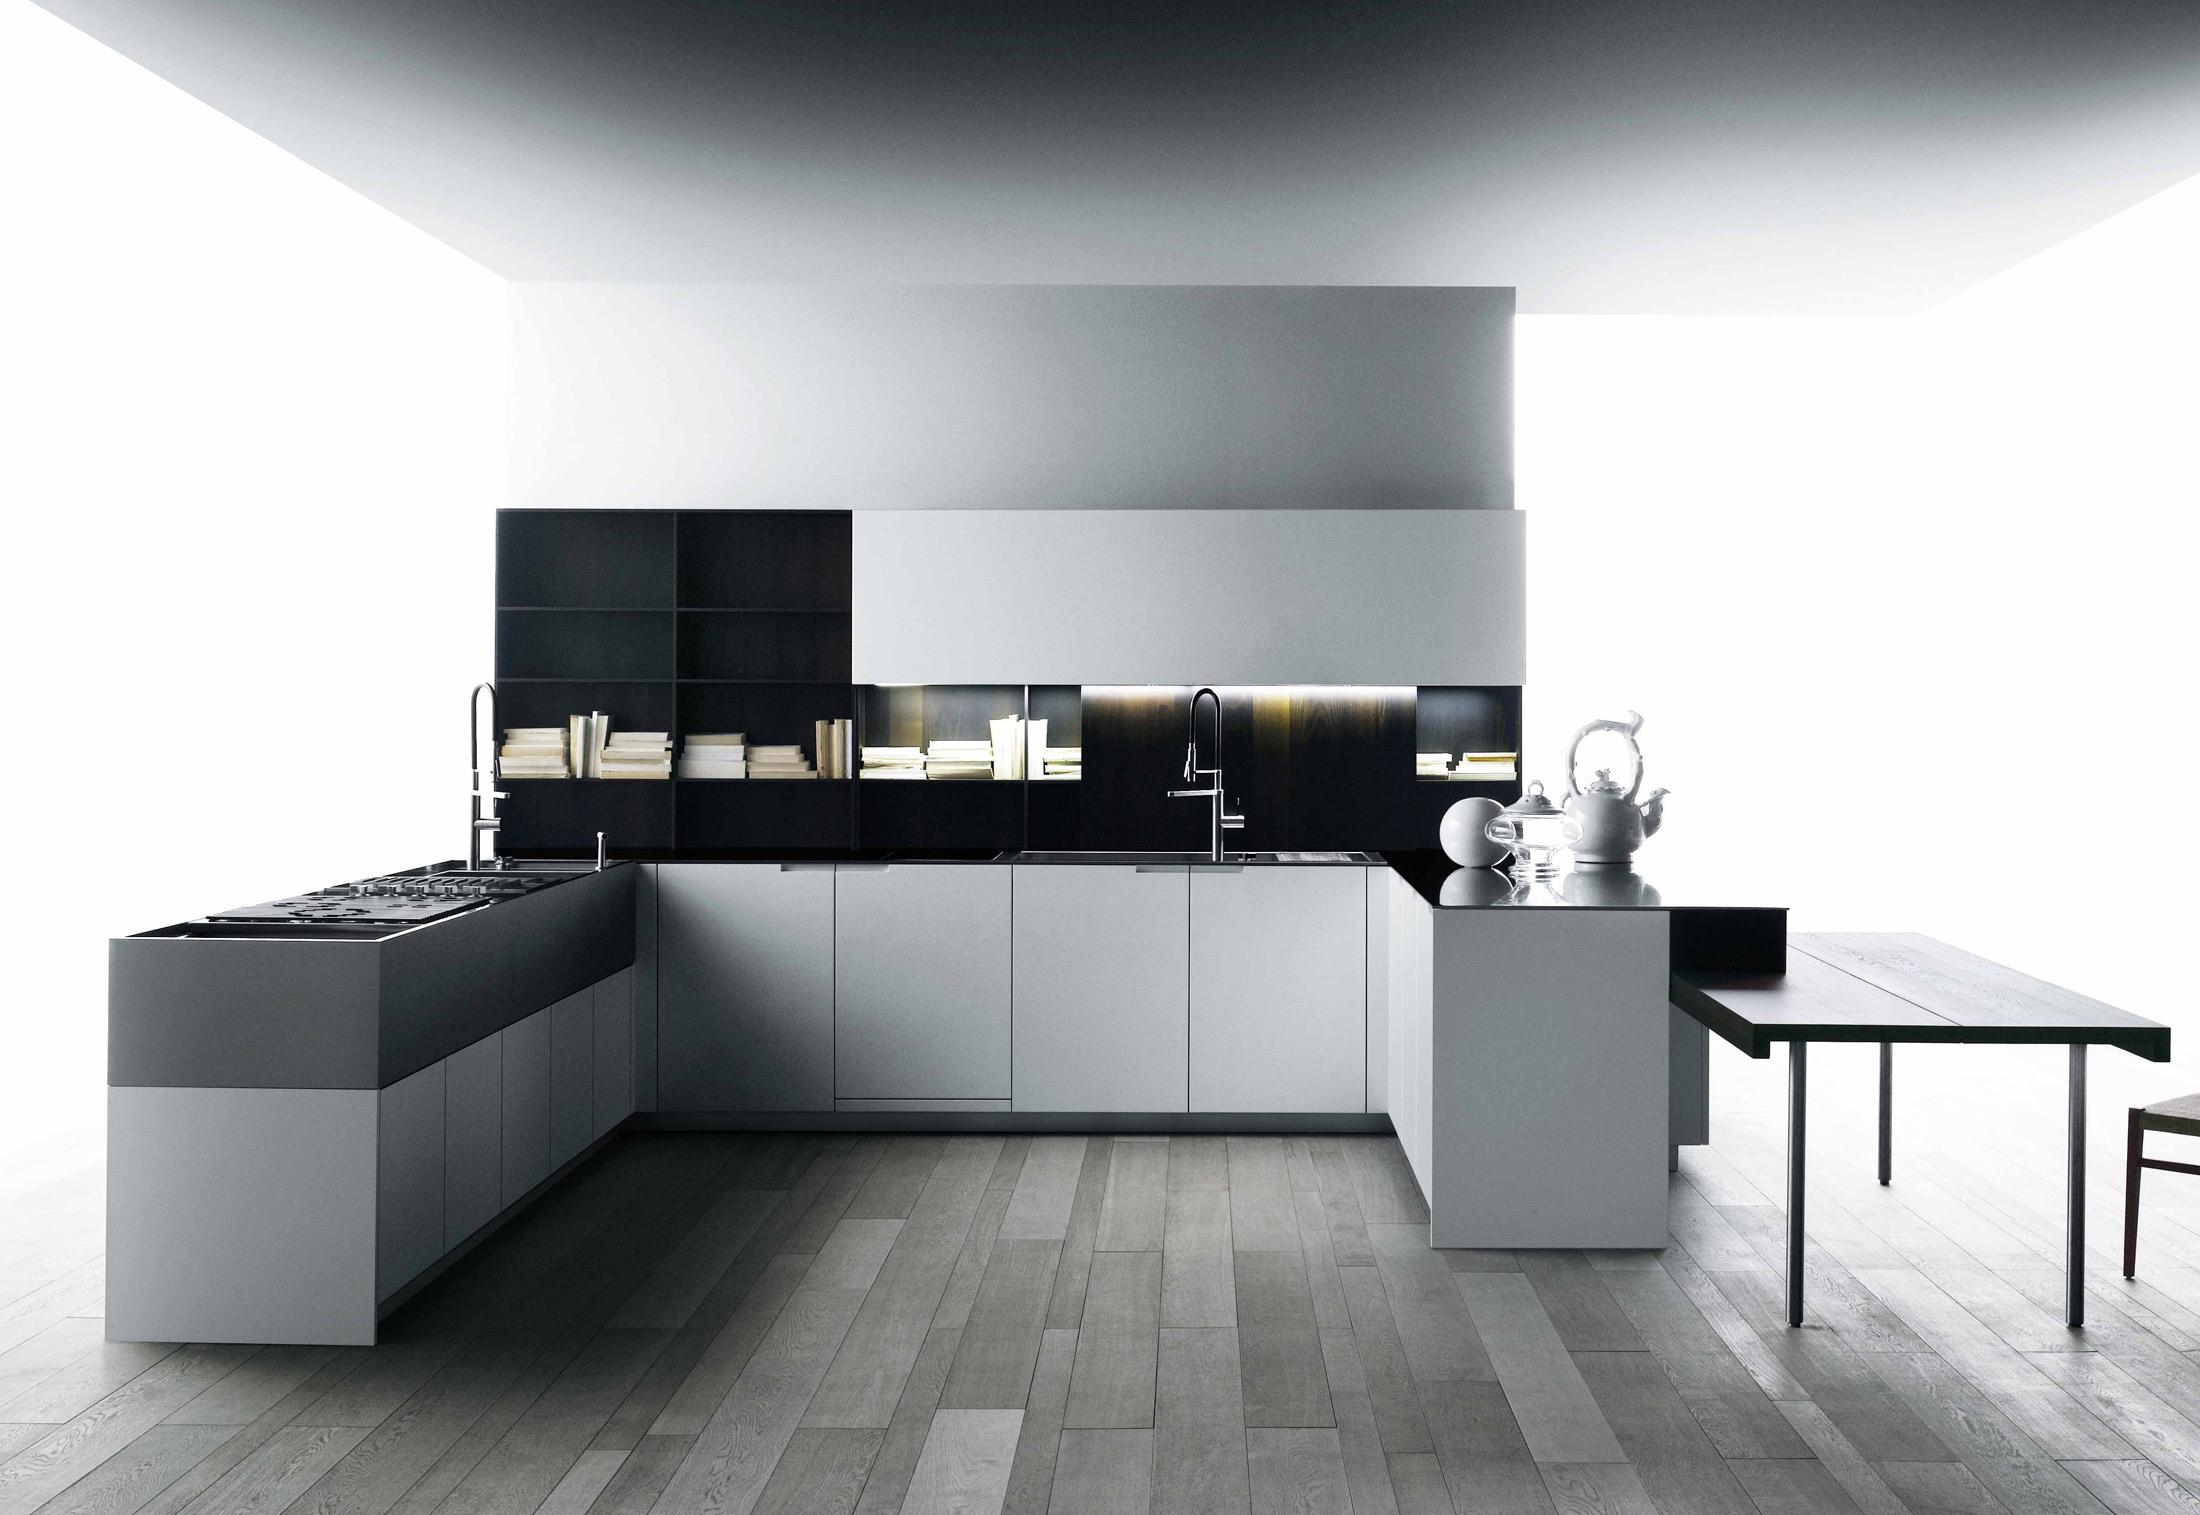 Aprile Di Boffi Cucine Arredamento Mollura Home Design #746E57 2200 1515 Foto Di Cucine Arte Povera